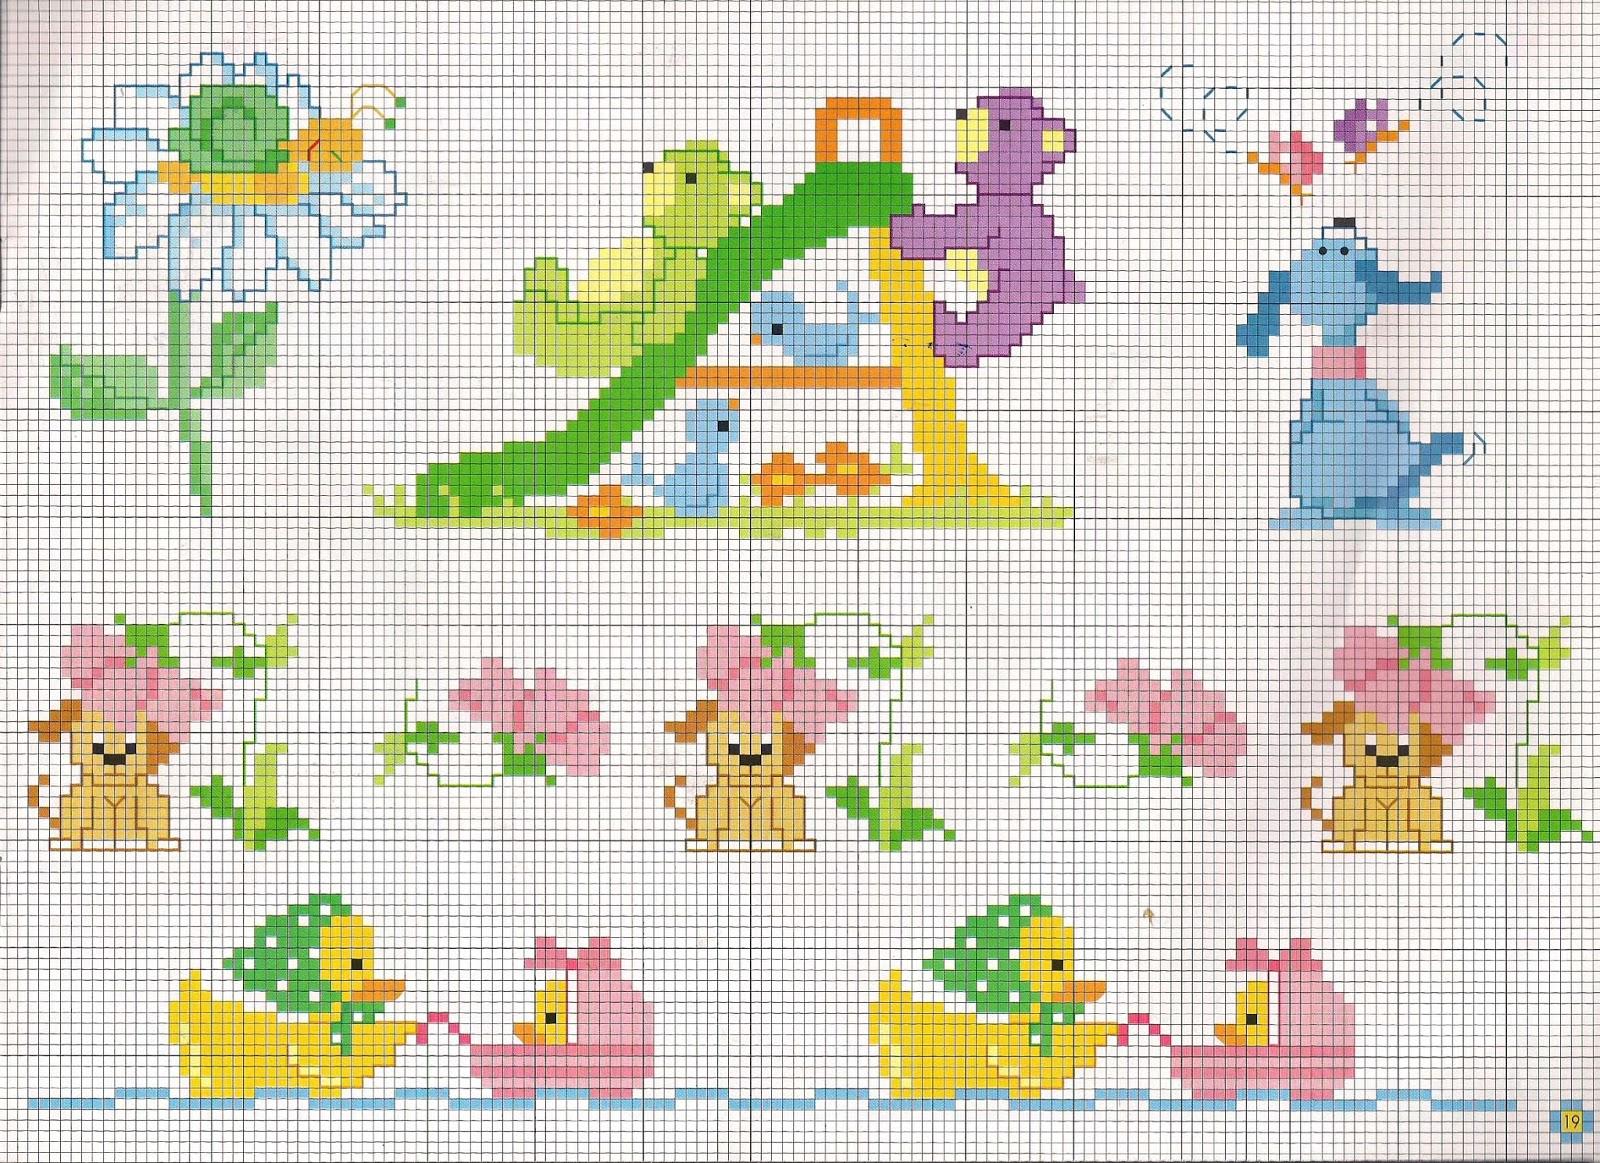 Schemi punto croce mani di fata gli schemi piu belli for Punto croce schemi bambini